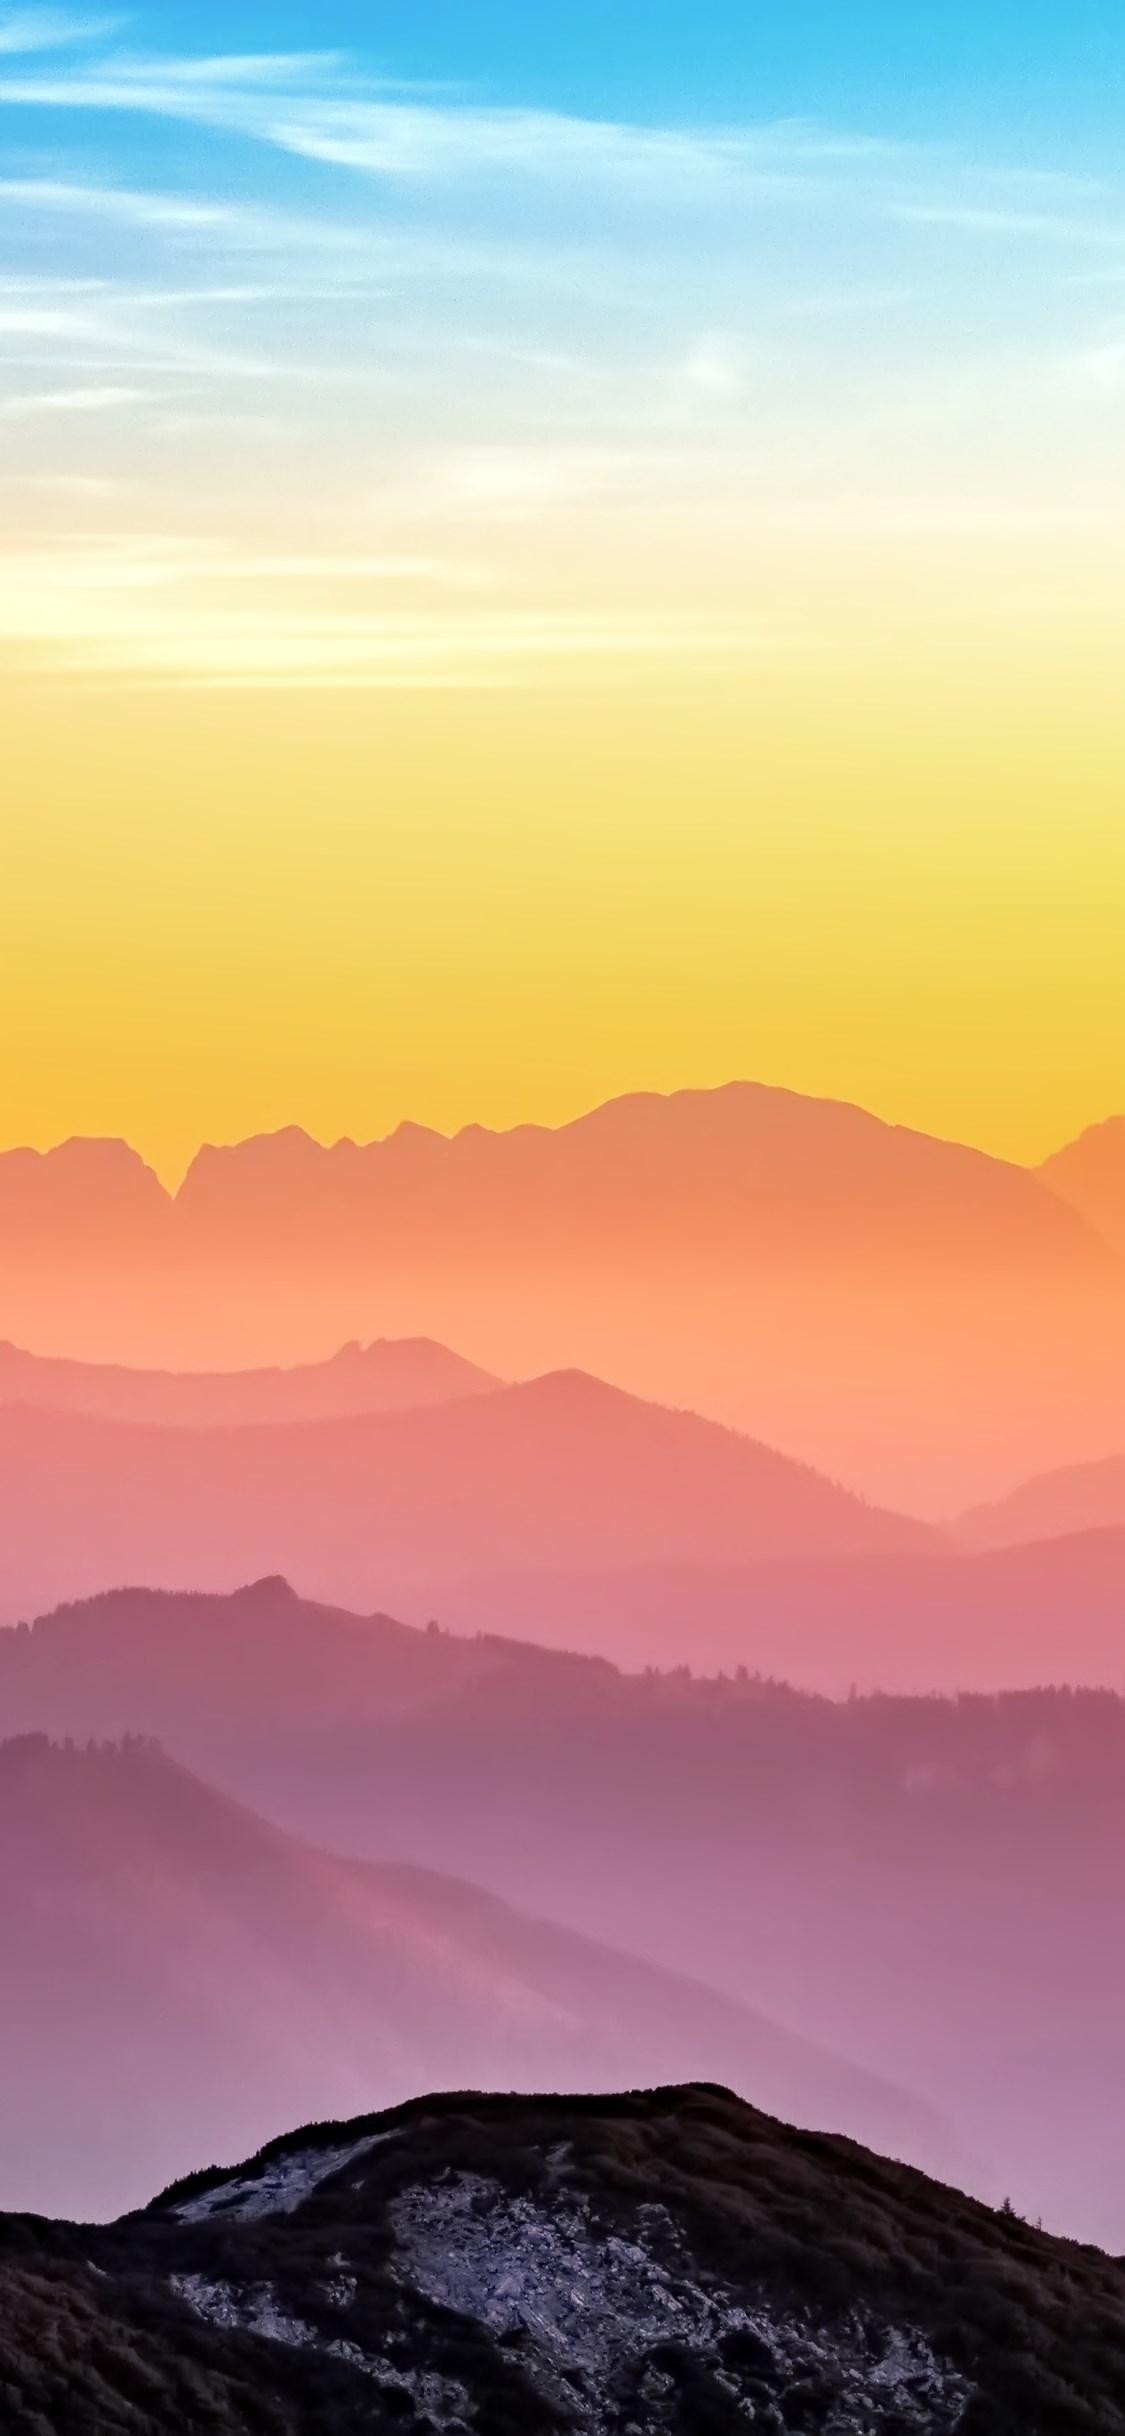 背景 壁纸 风景 天空 桌面 1125_2436 竖版 竖屏 手机